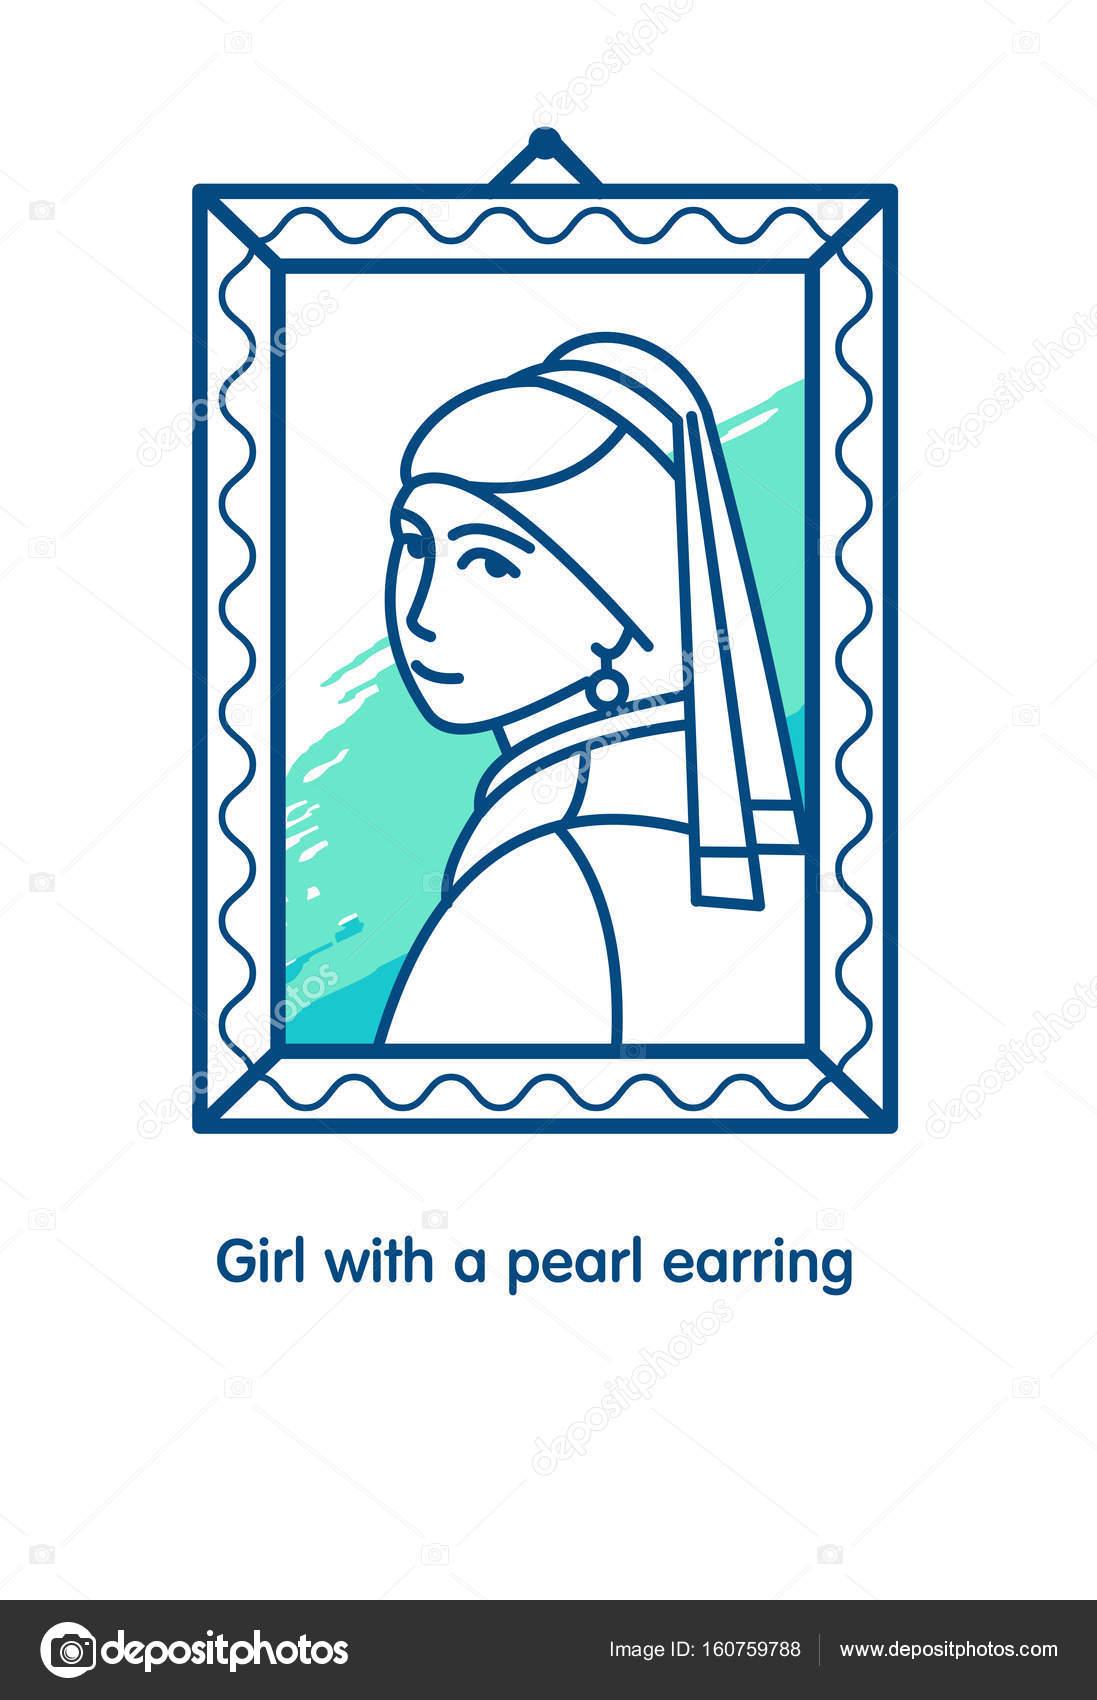 eladás online vásárlás elég olcsó Lány gyöngy fülbevalóval. A Vermeer művész festménye. Az ikonok ...